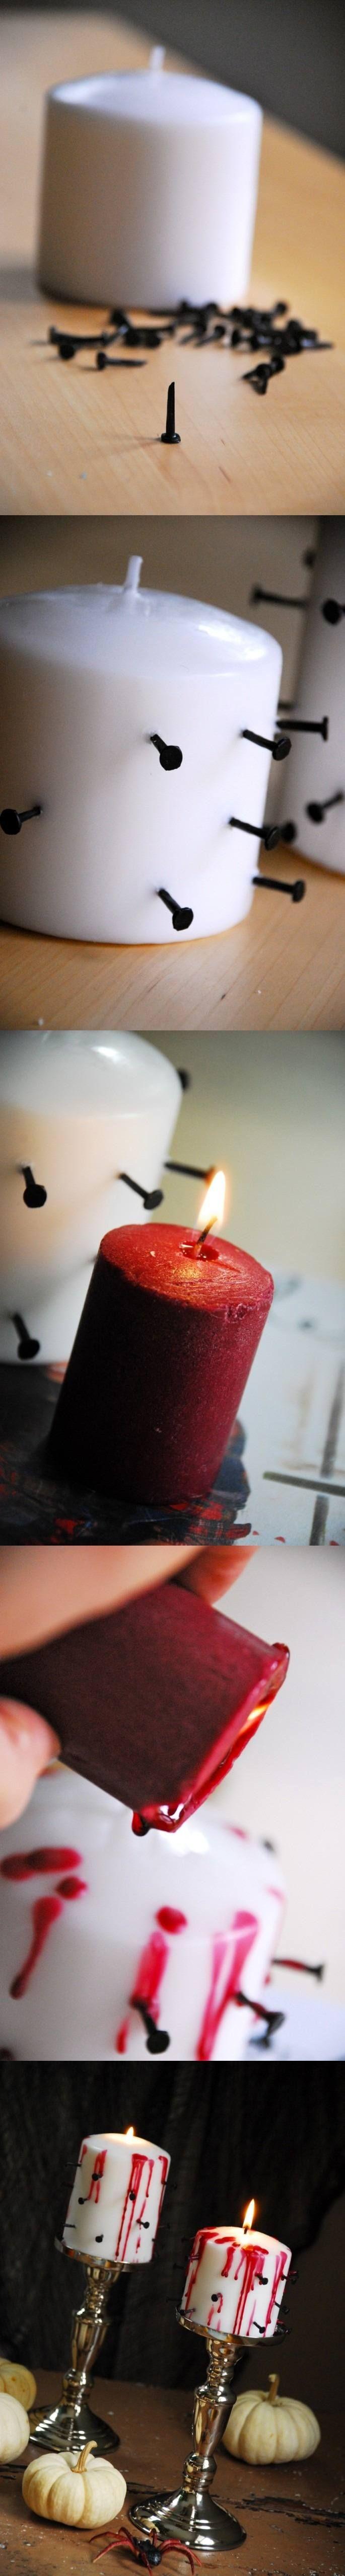 !Horroríficas velas sangrientas!